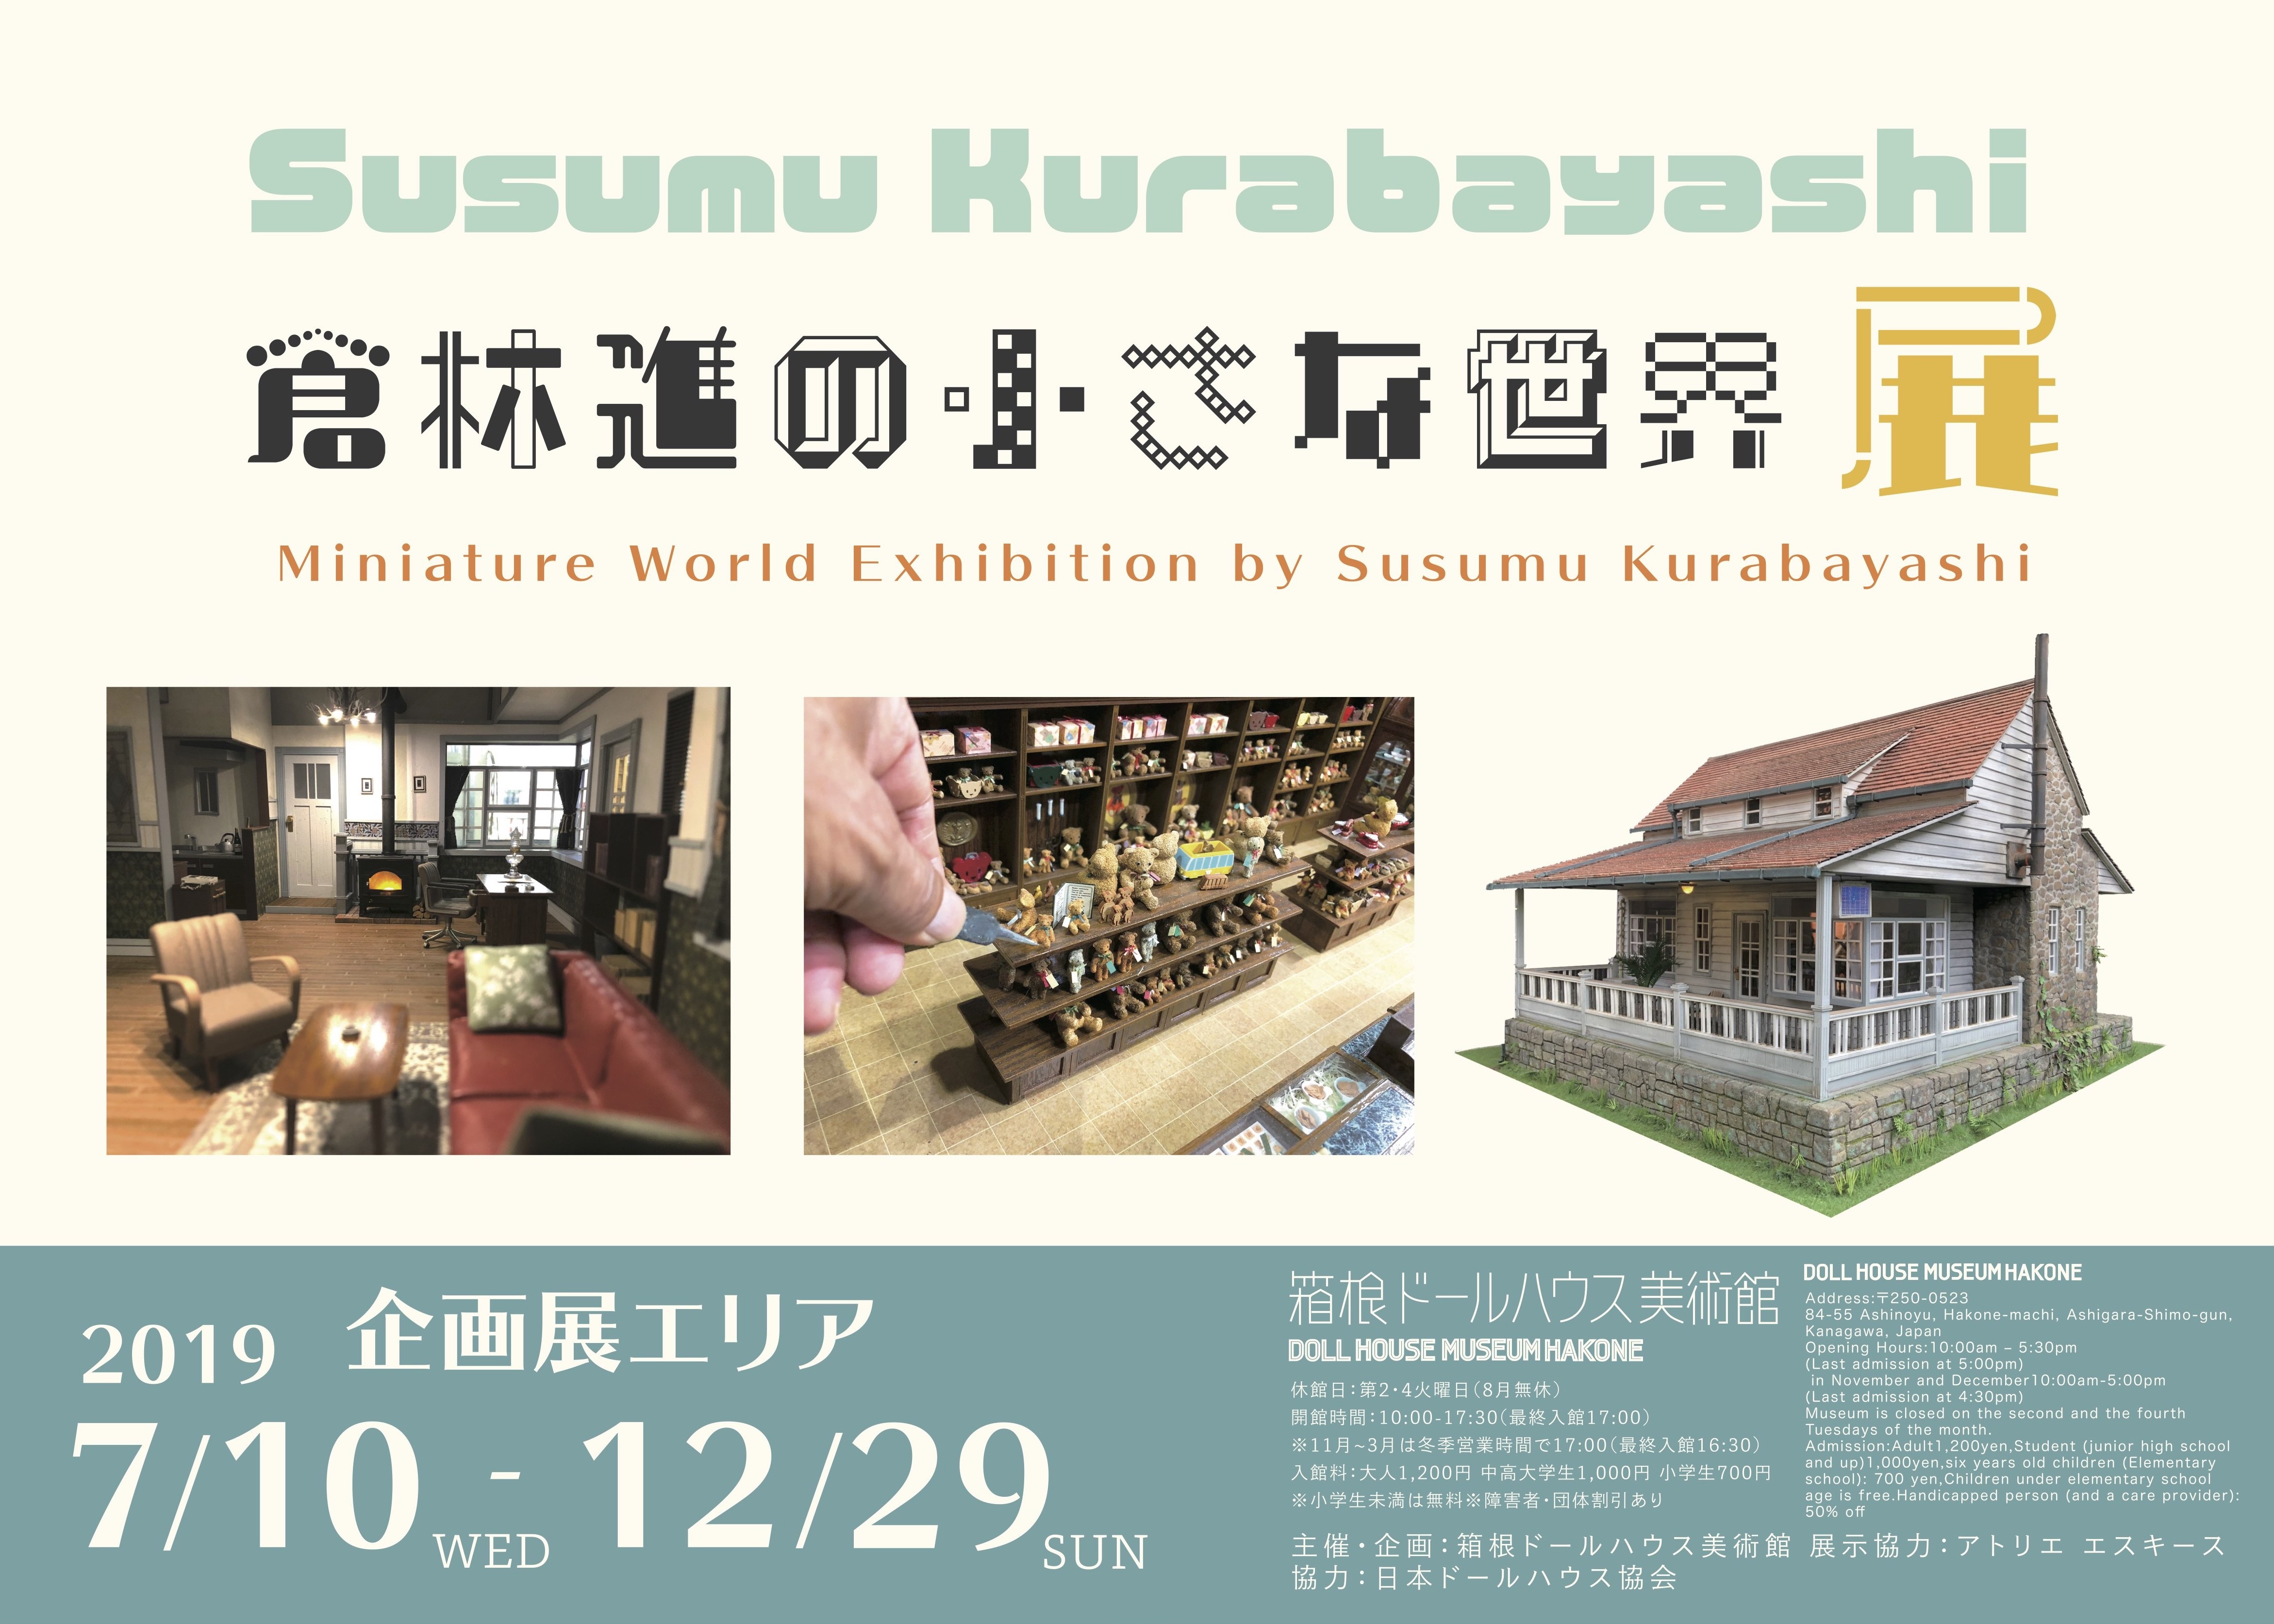 箱根ドールハウス美術館 2019年後期展示